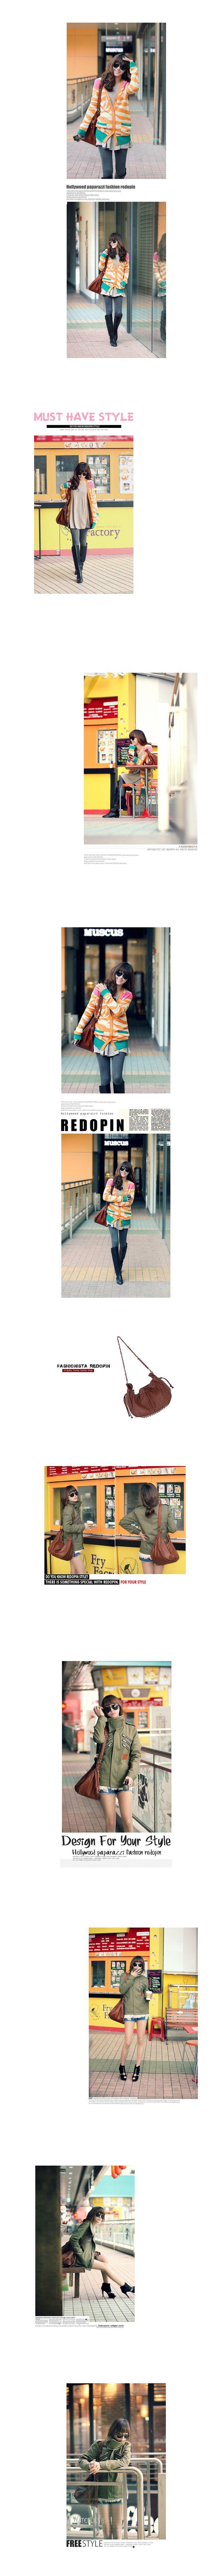 レッドオピン [Redopin ]丸いスタッズがポイントのバッグ | 韓国ファッション-バッグはコリアデパート